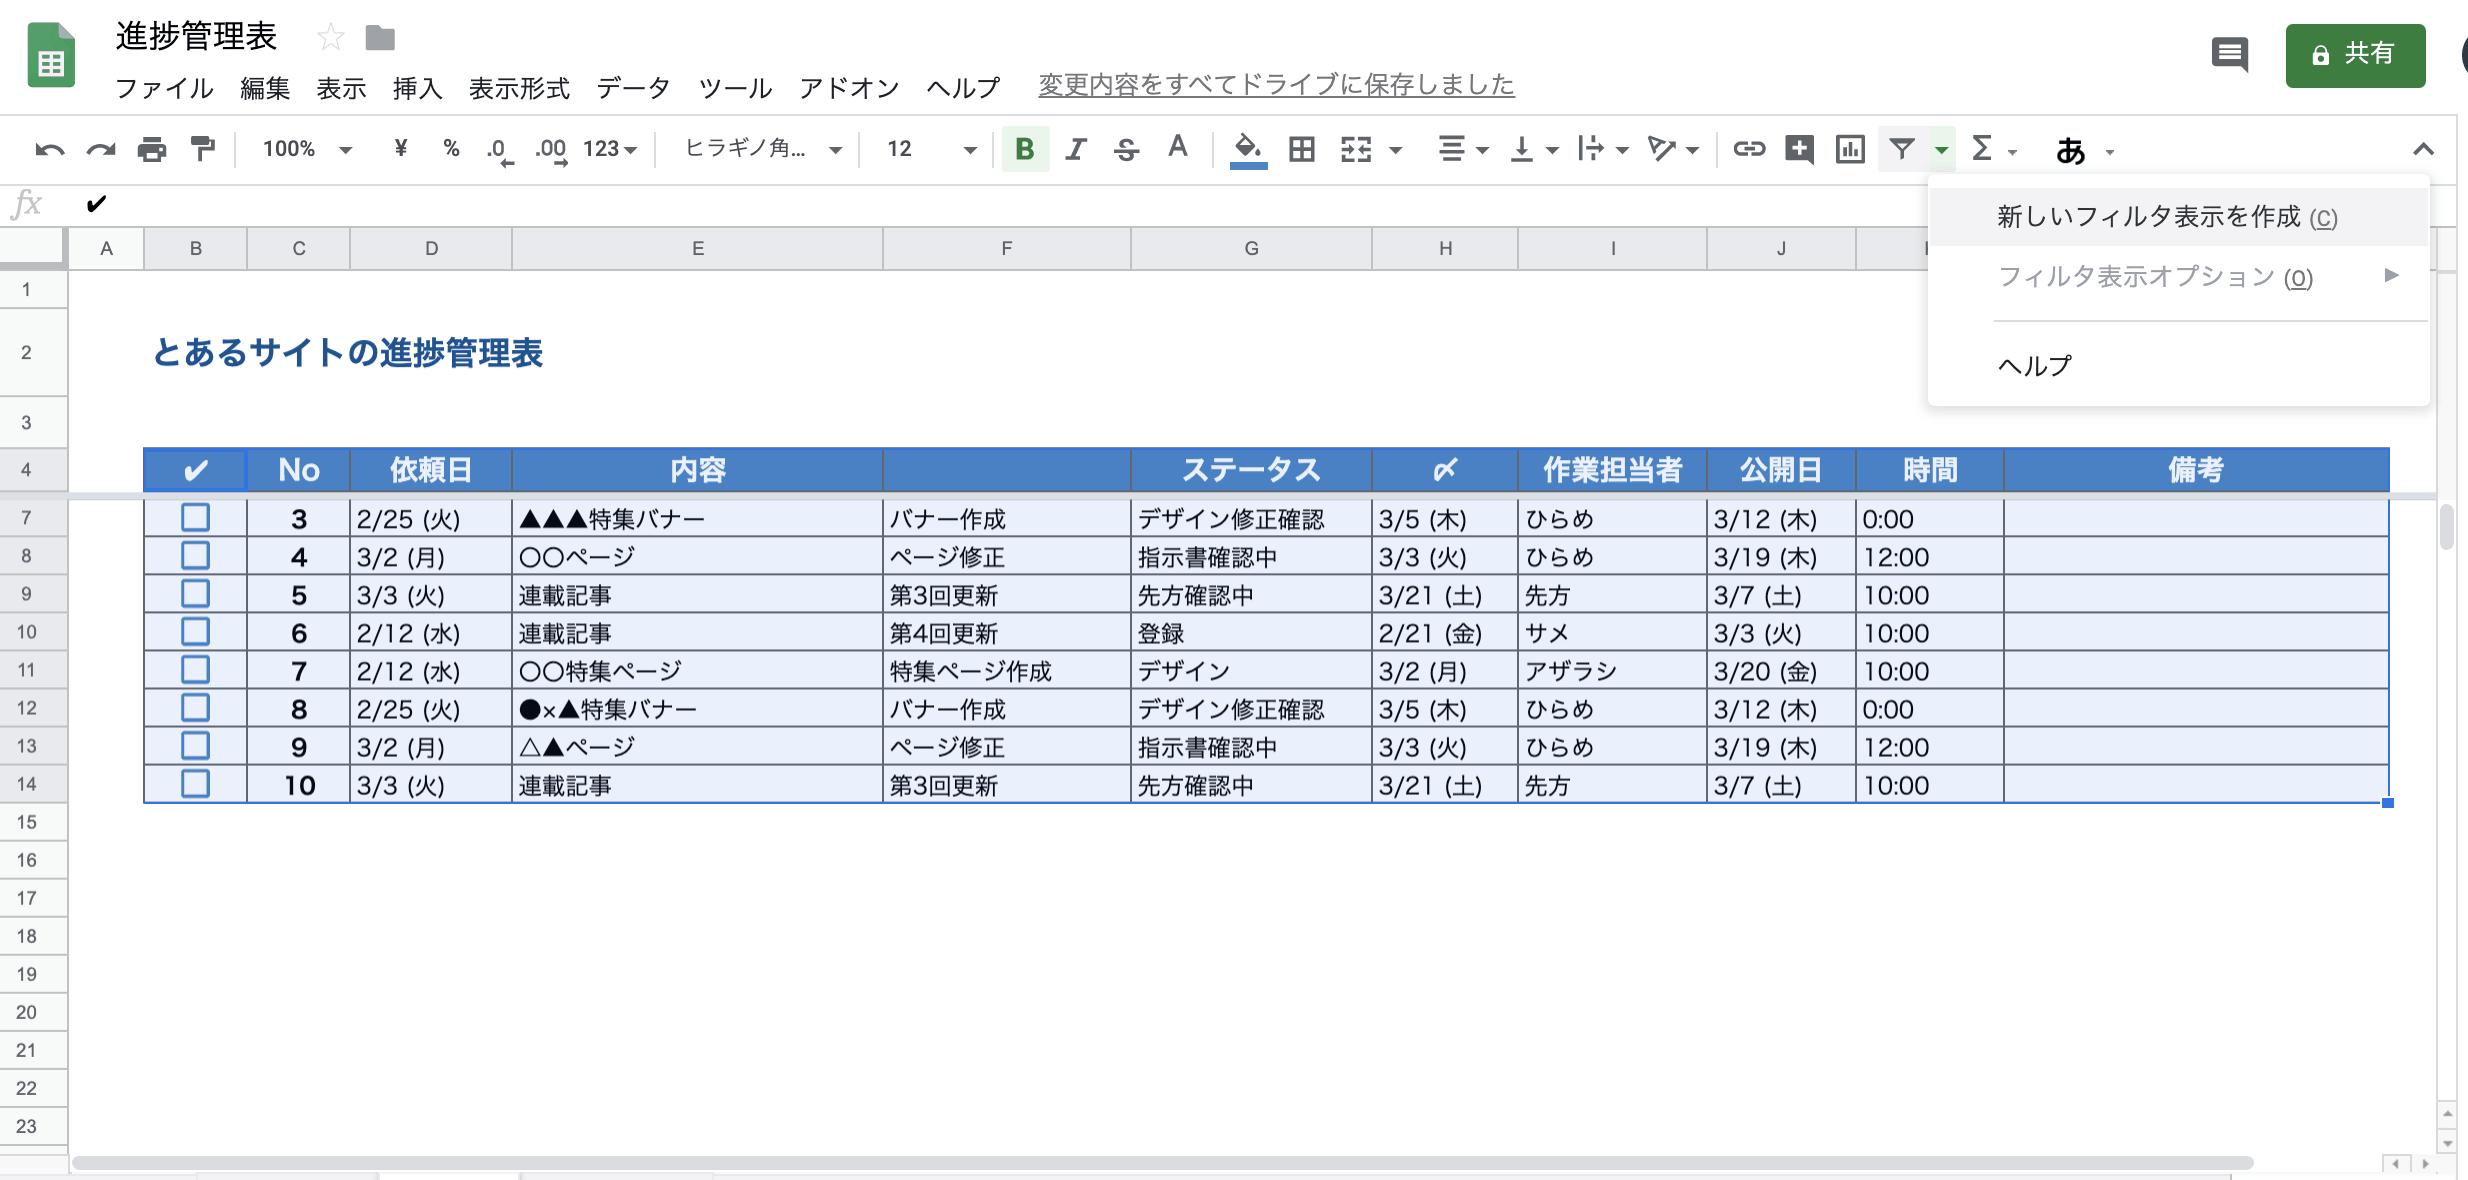 スクリーンショット 2020-03-04 11.21.29